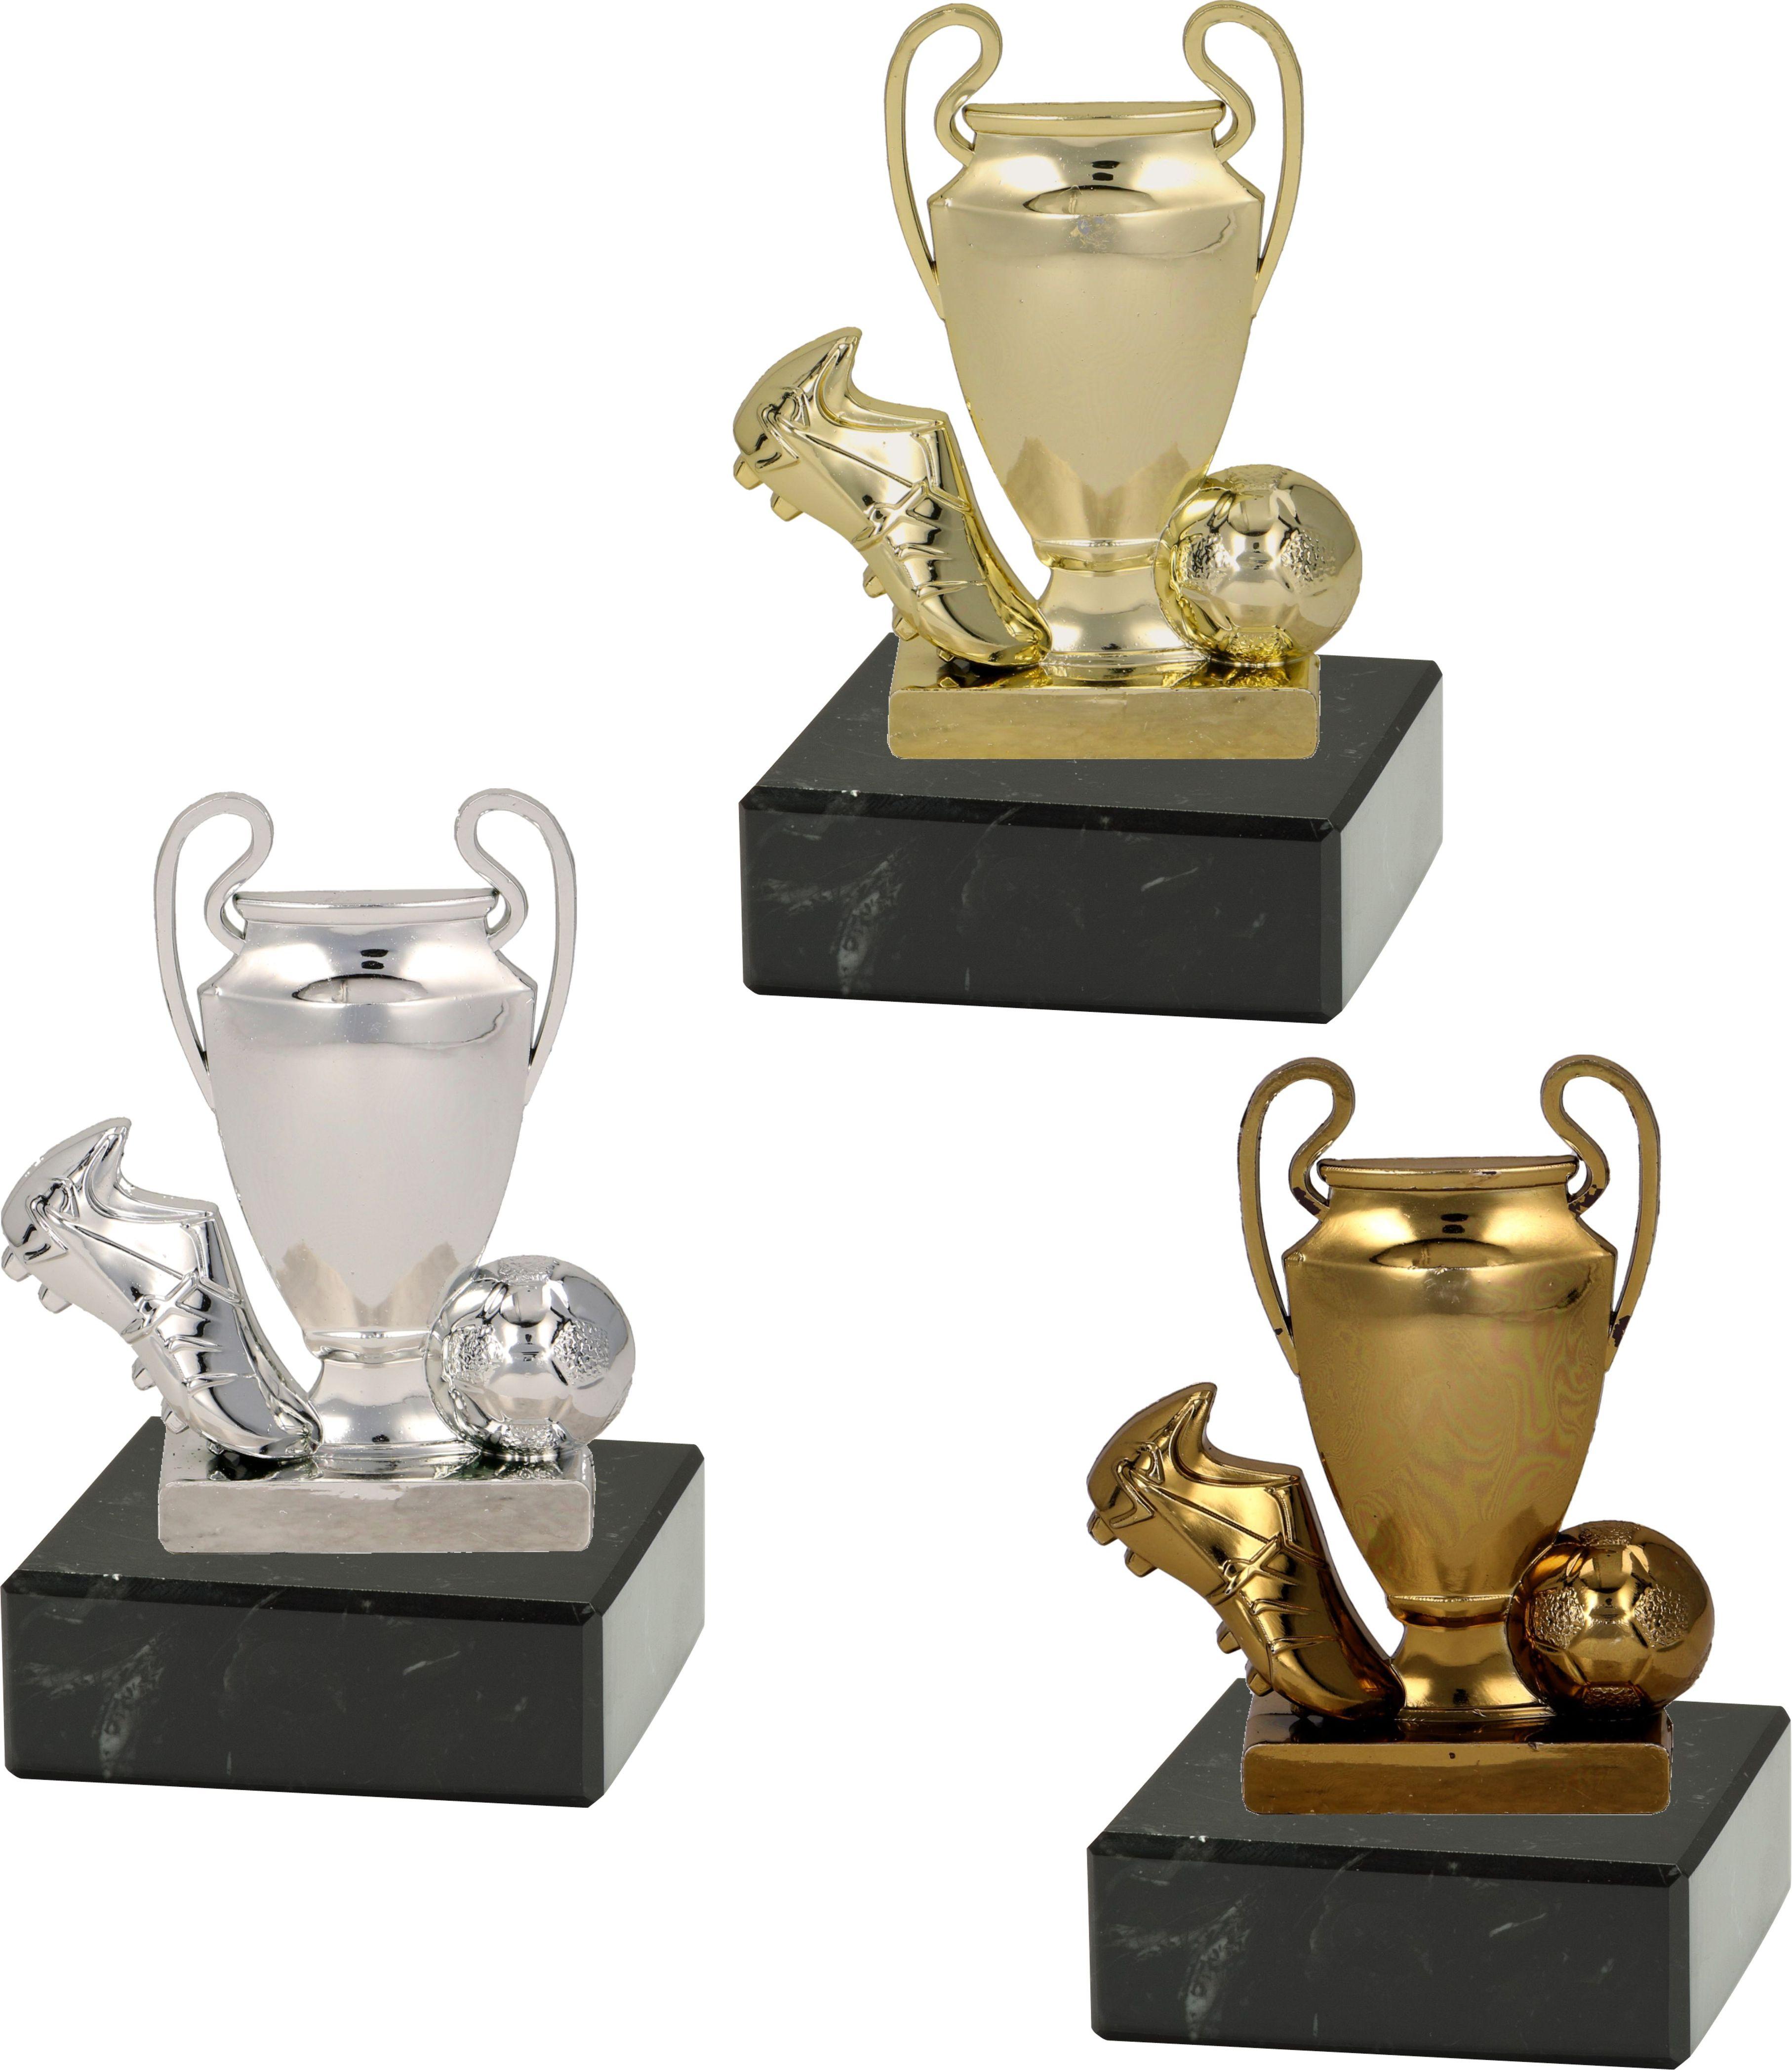 Pokal Figur Leichtathletik 3er Serie inkl.echter Gravur nach Wunsch